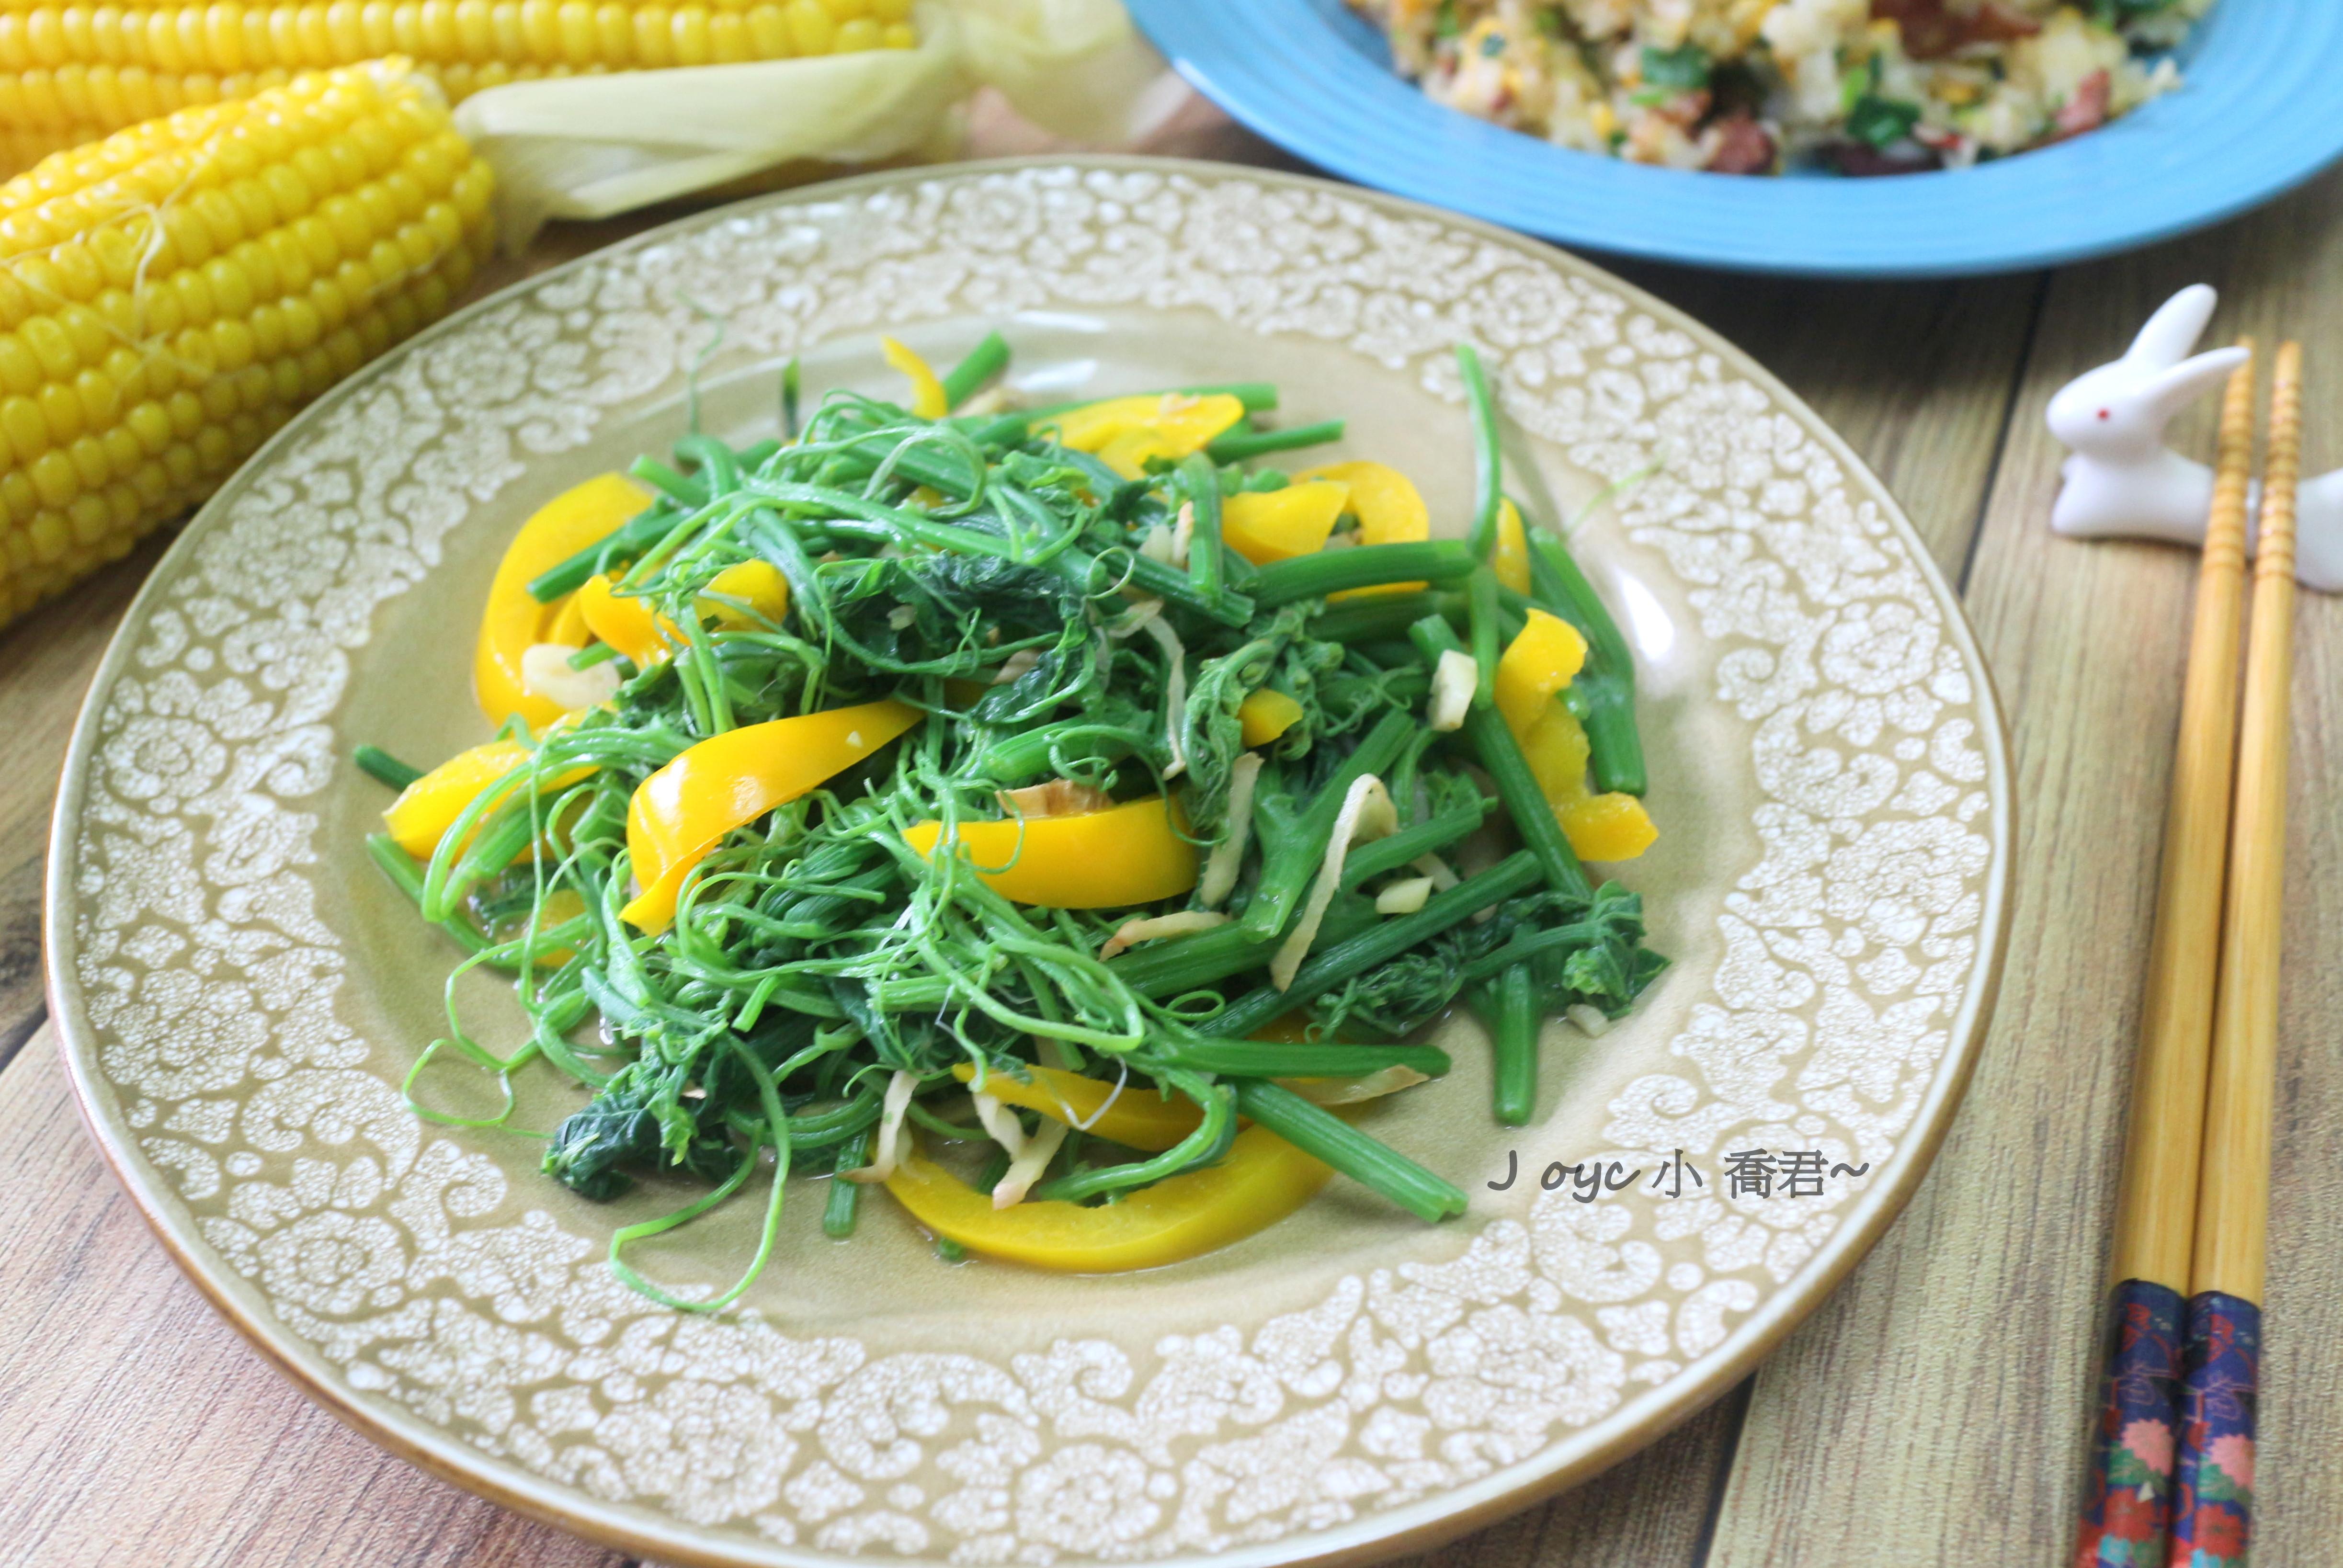 麻油甜椒龍鬚菜